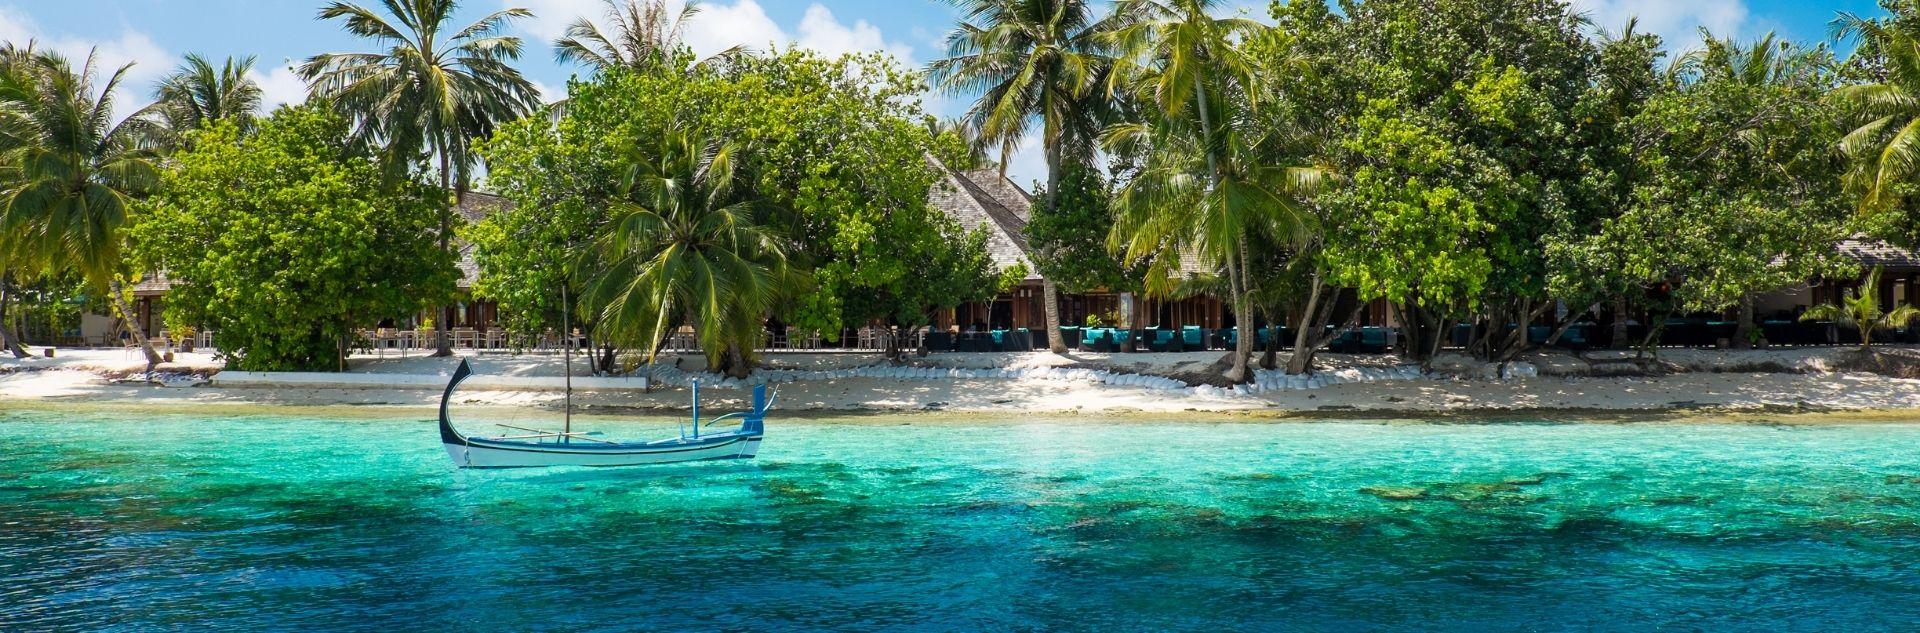 Indischer Ozean Insel